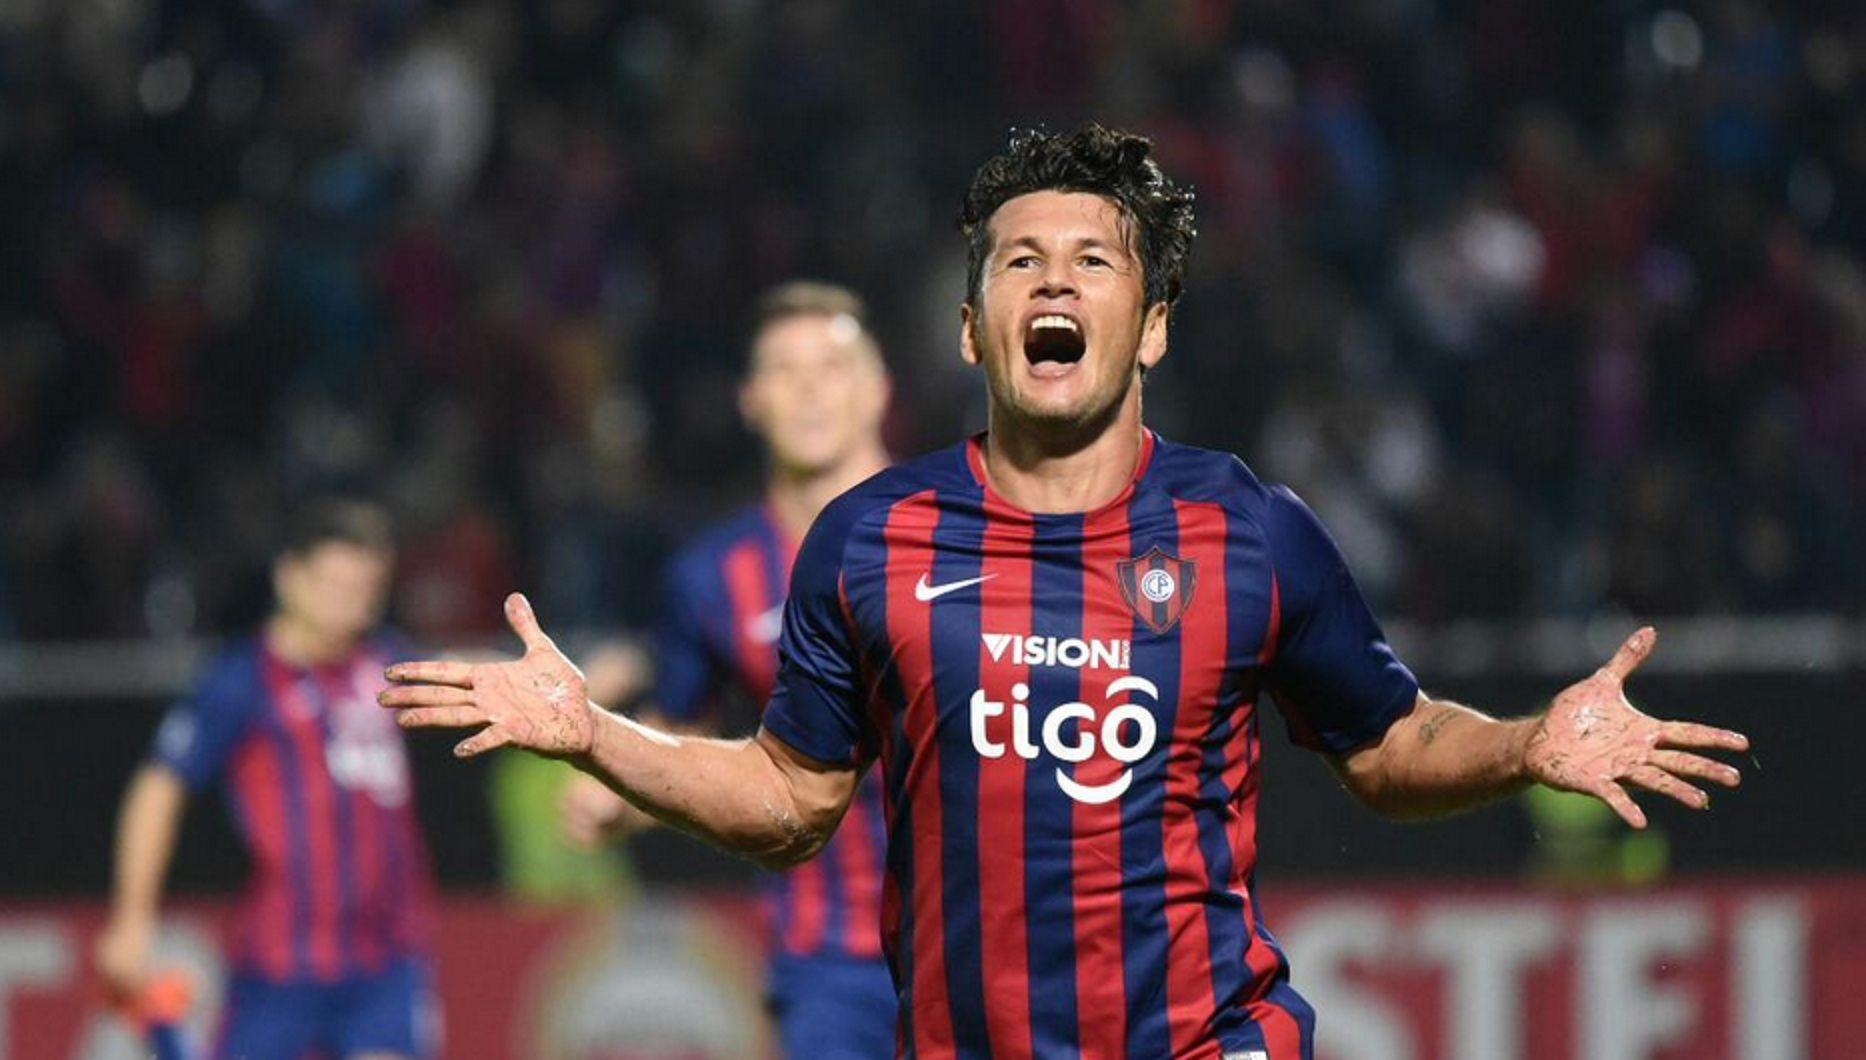 Con un golazo de De la Cruz, River empató ante Cerro Porteño y habrá semifinal con Boca